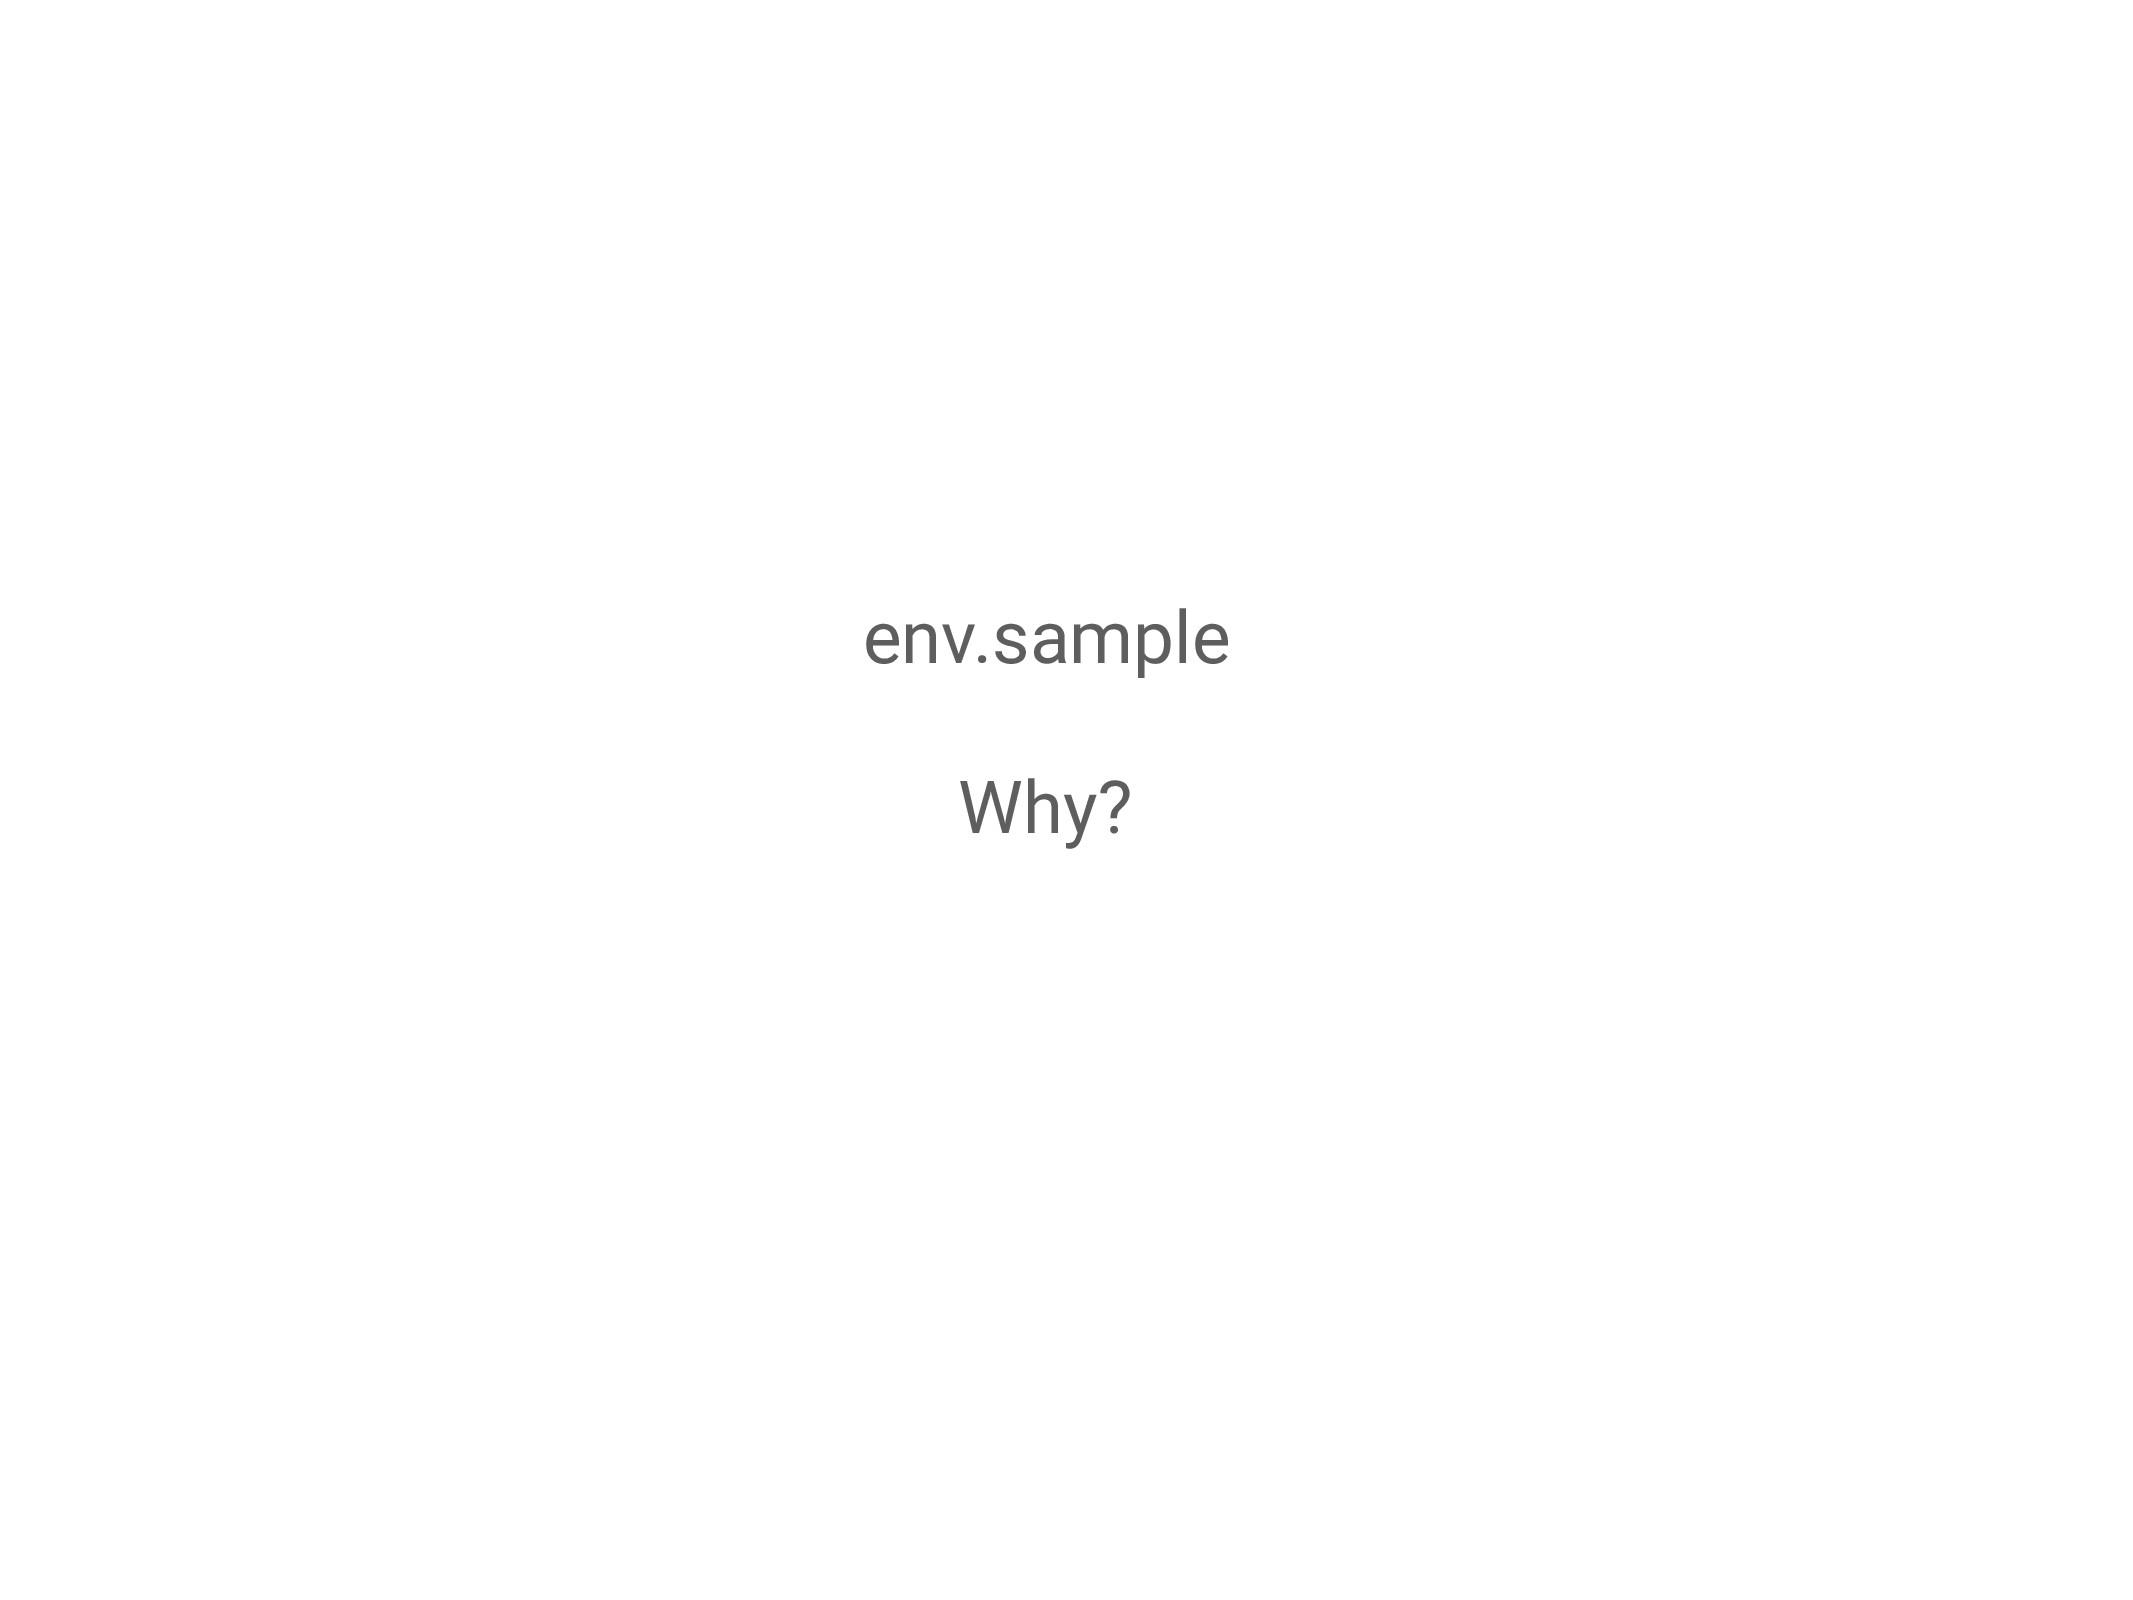 env.sample Why?